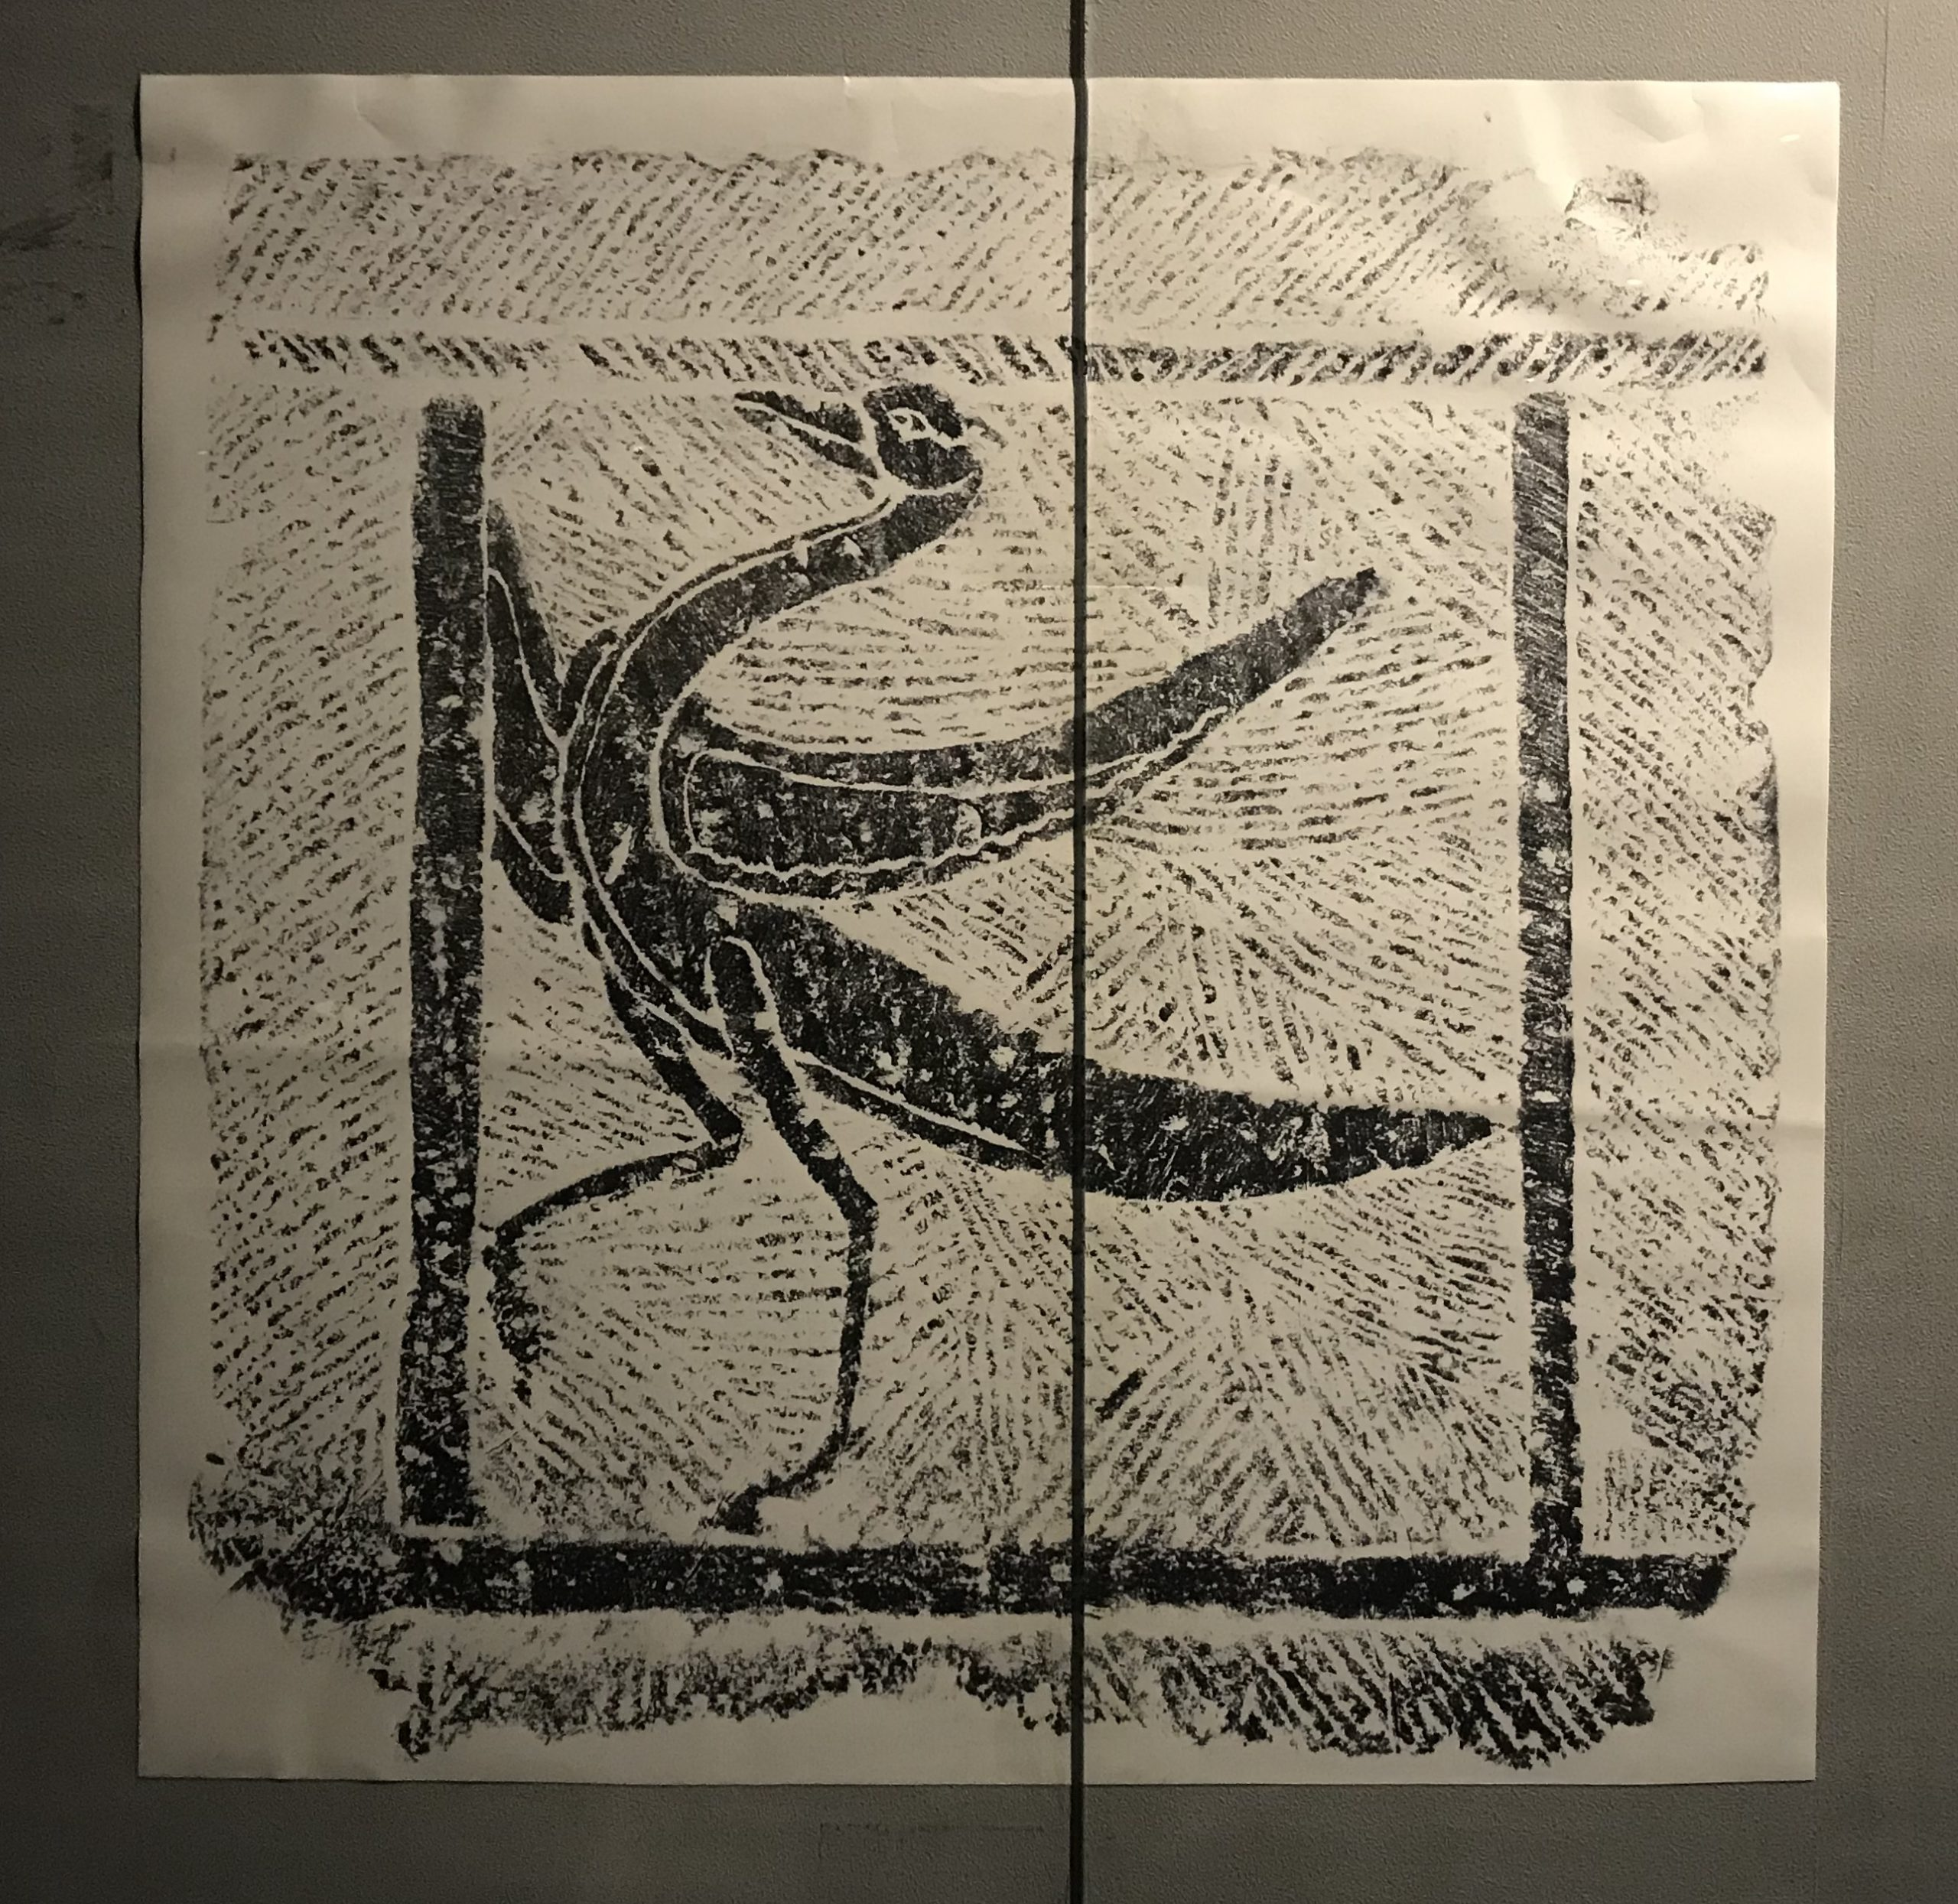 漢朱雀画像石棺頭-拓本-東漢-南溪県郊外長順坡出土-四川漢代陶石芸術館-四川博物院-成都